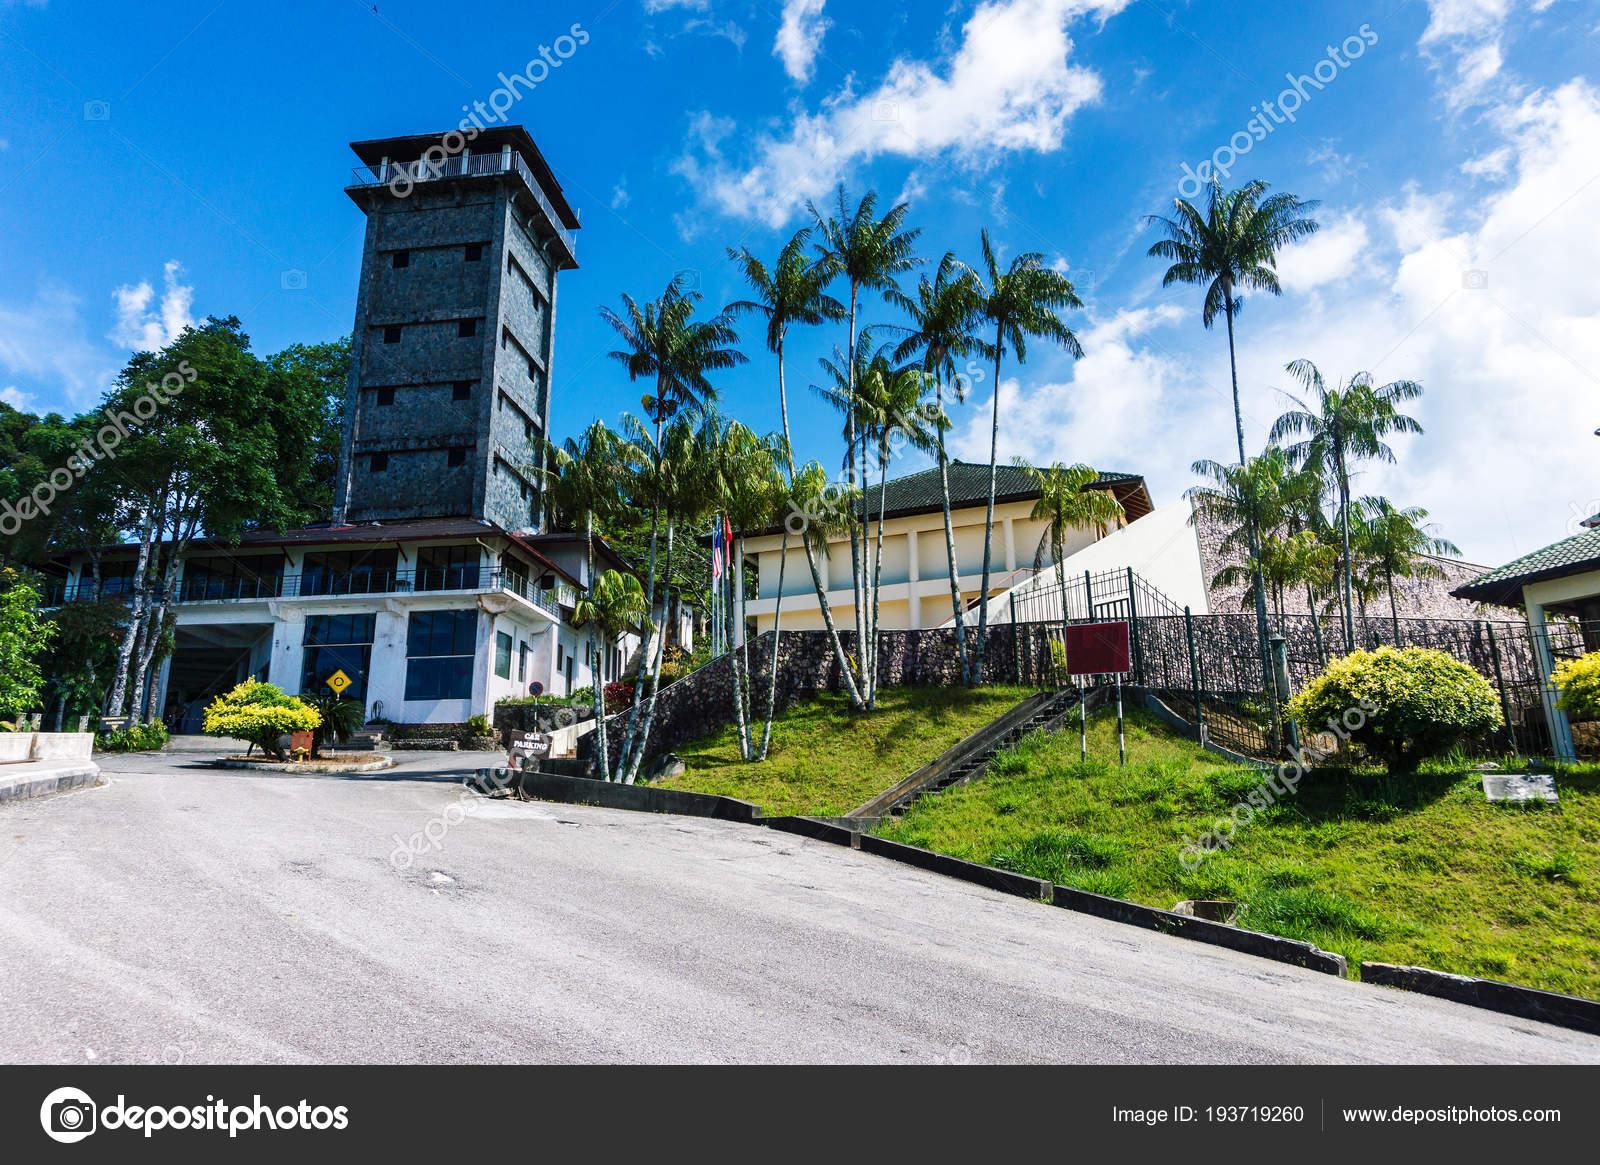 Reve De Toit maison de rêve avec toit de tuiles, encadré par des palmiers et ciel